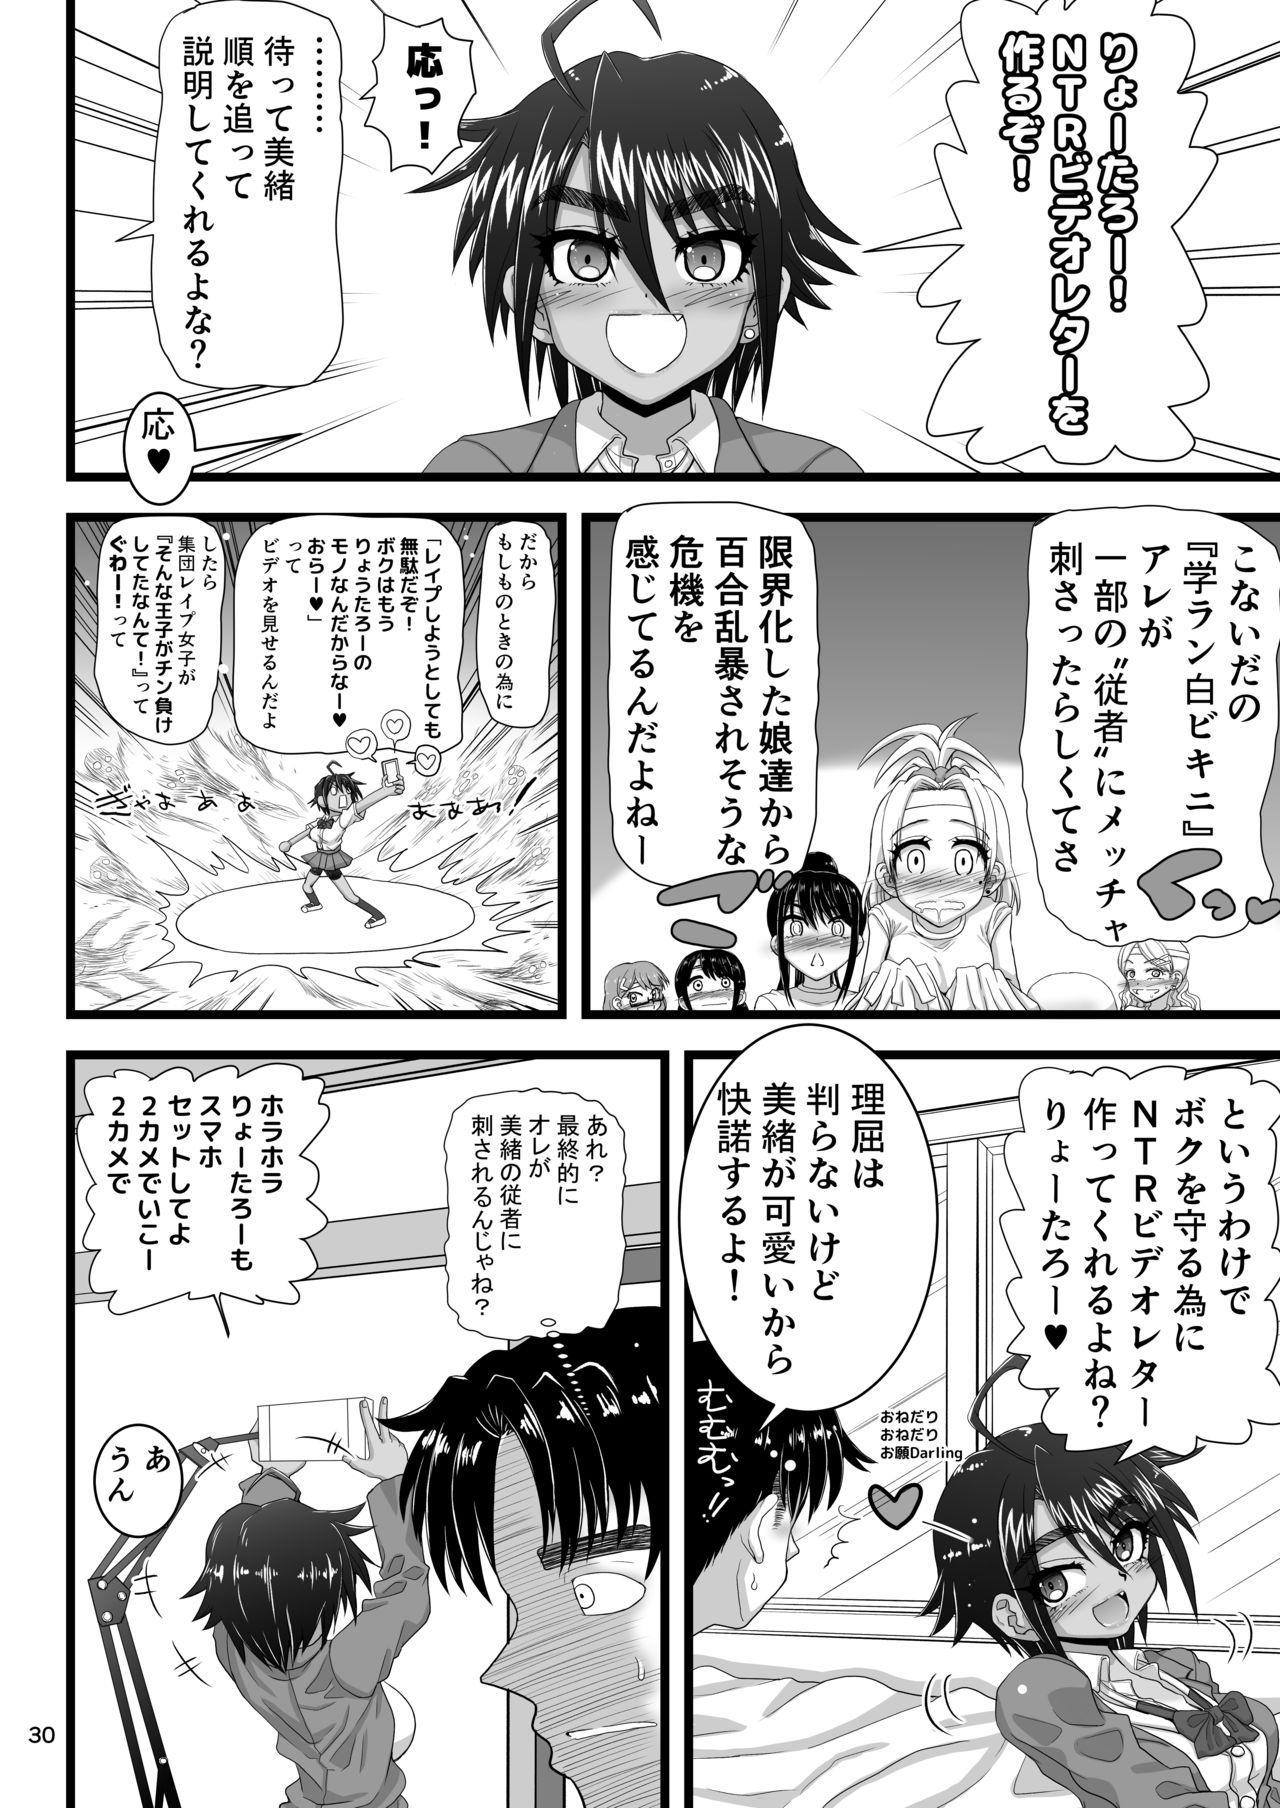 Osananajimi wa Joshikou no Ouji dakedo Ore no Mae de wa Mesu ni Naru 29